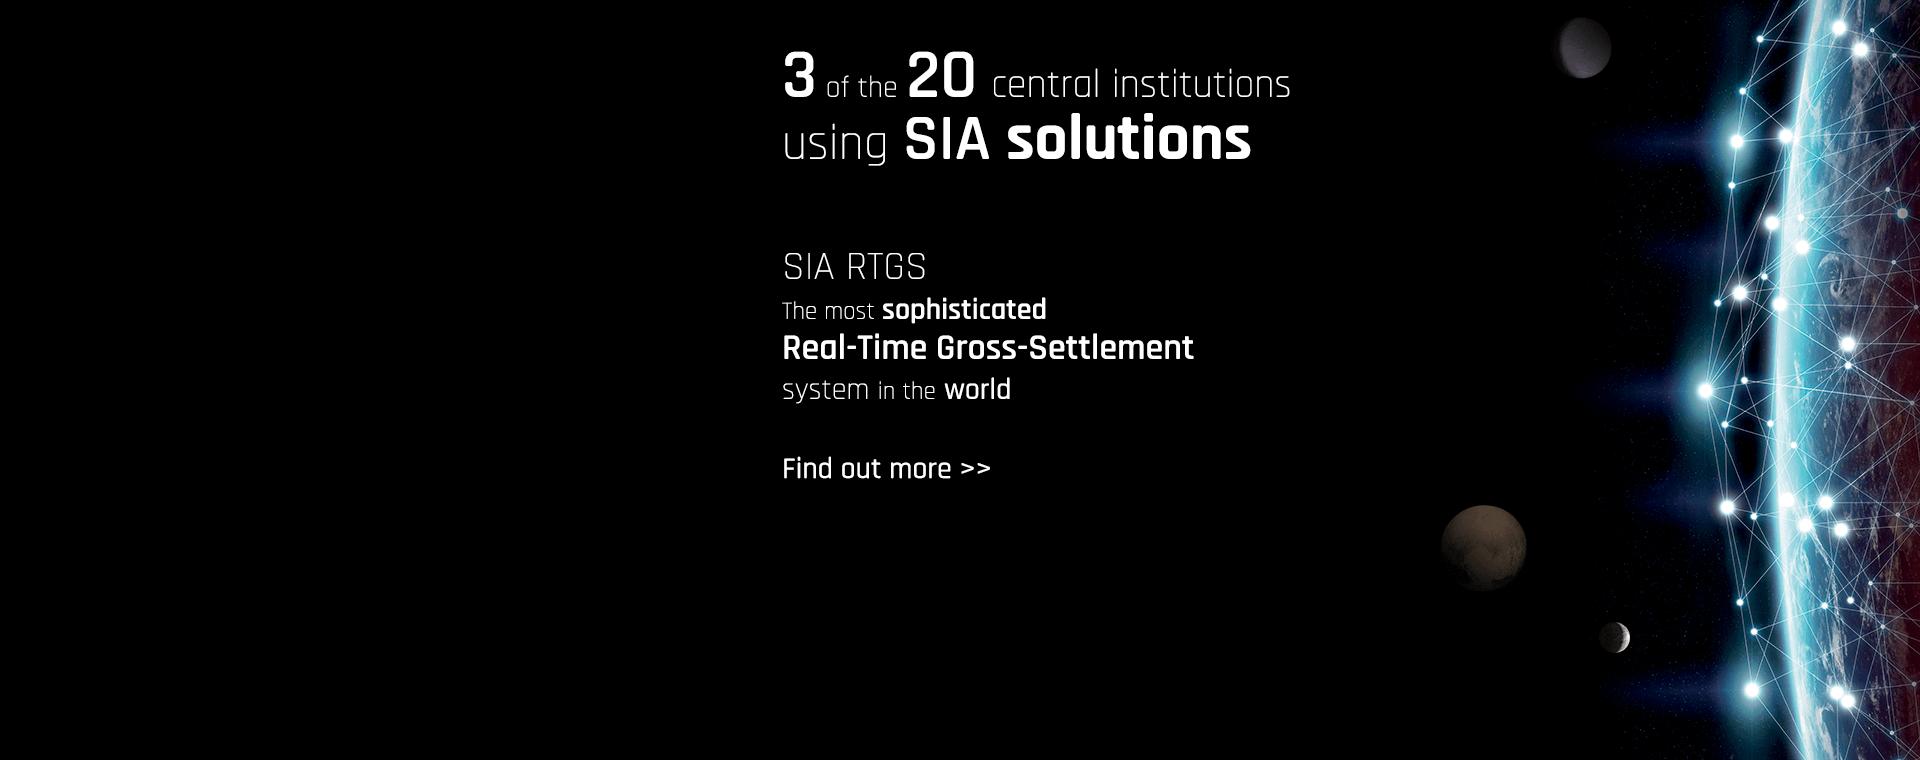 SIA RTGS:  Il più avanzato sistema Real-Time  Gross-Settlement al mondo